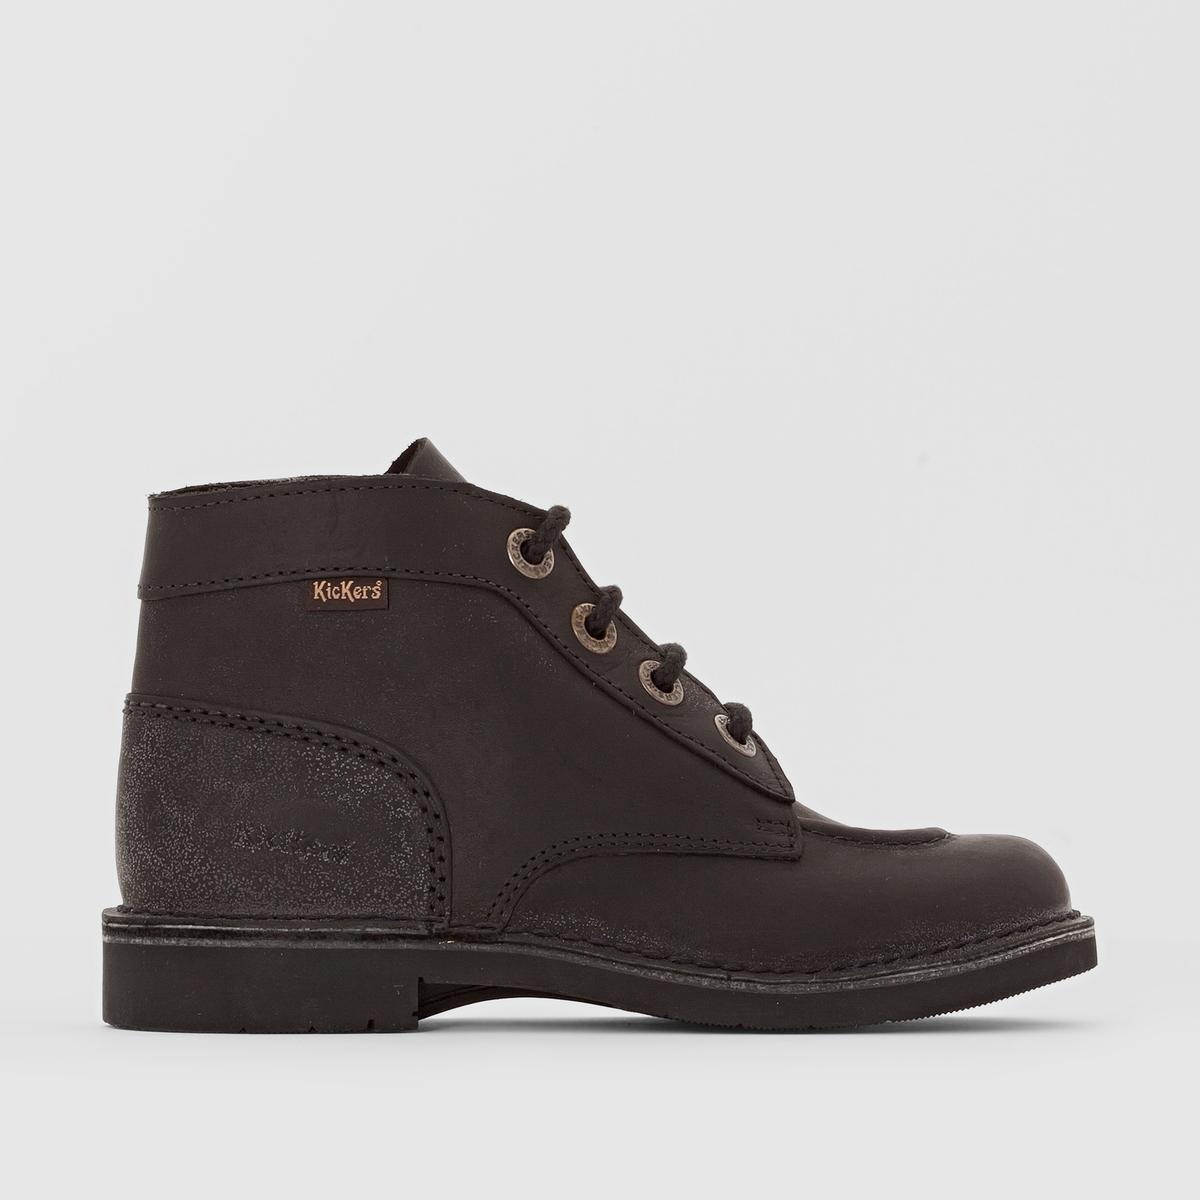 Ботильоны Kick ColПодкладка : без подкладки      Стелька : невыделанная кожа.      Подошва : каучук.     Высота каблука :      Форма каблука : Плоский      Носок : Закругленный.      Застежка : шнуровка.<br><br>Цвет: черный